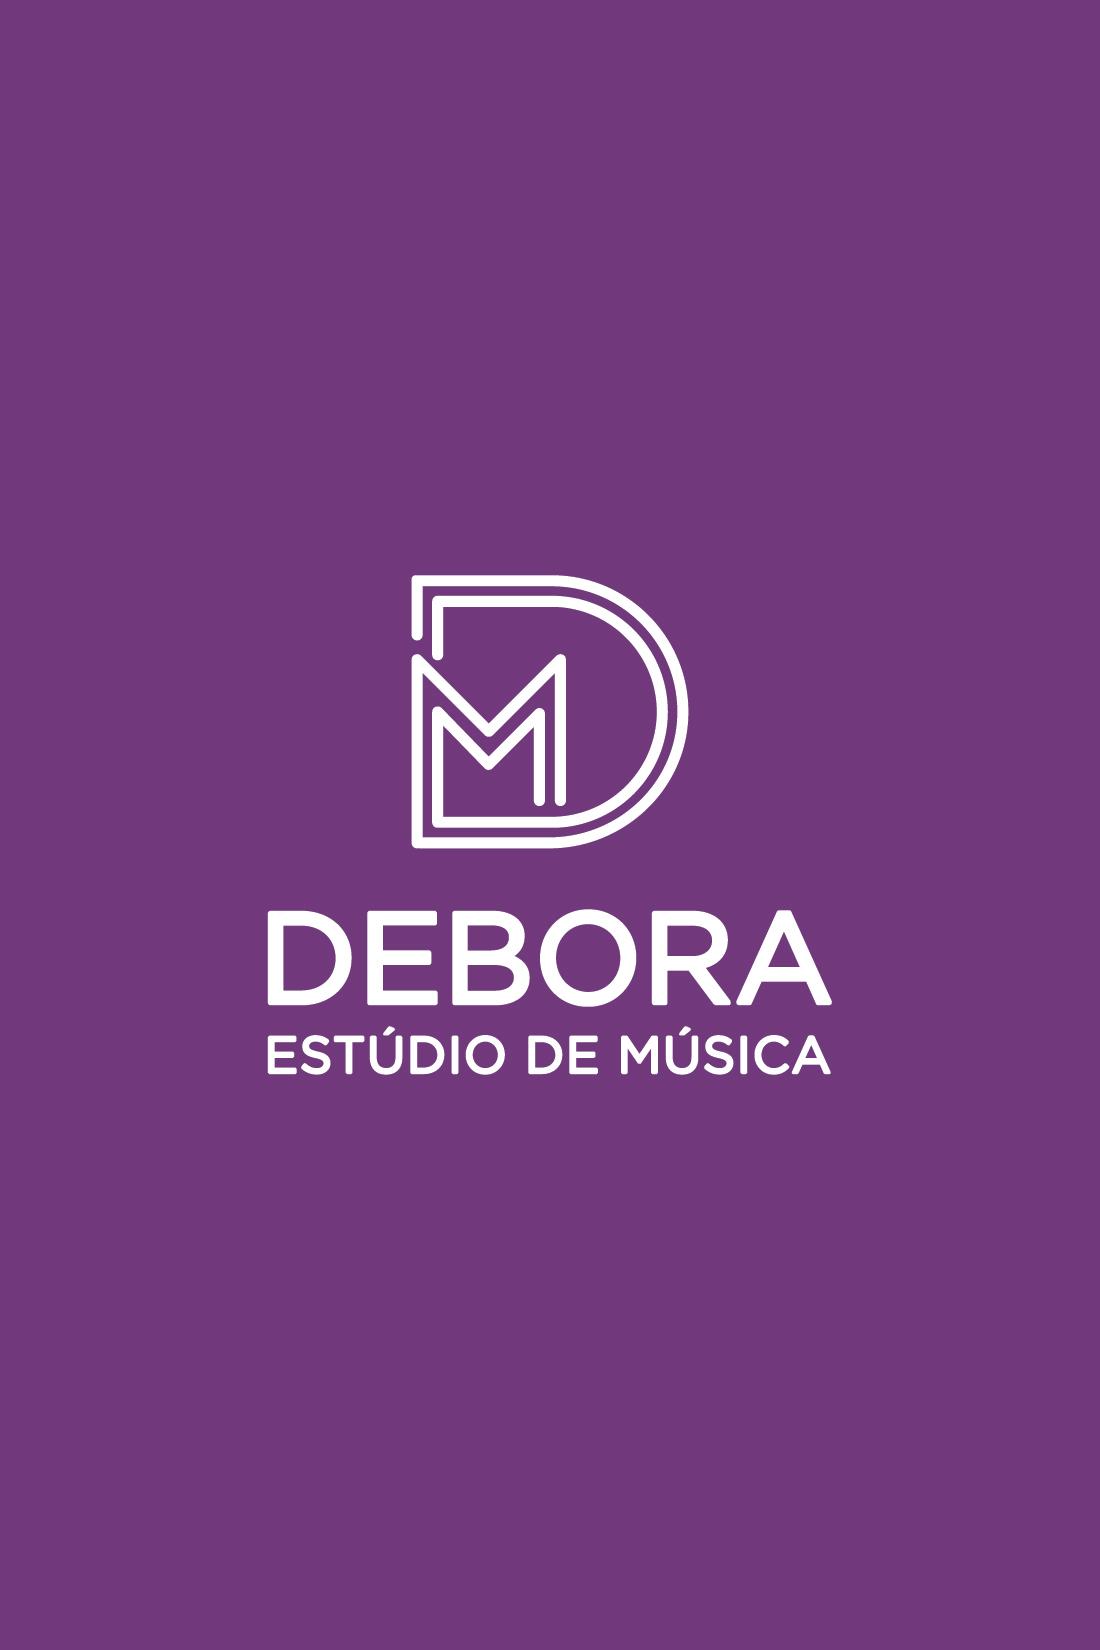 DEBORA ESTÚDIO DE MÚSICA